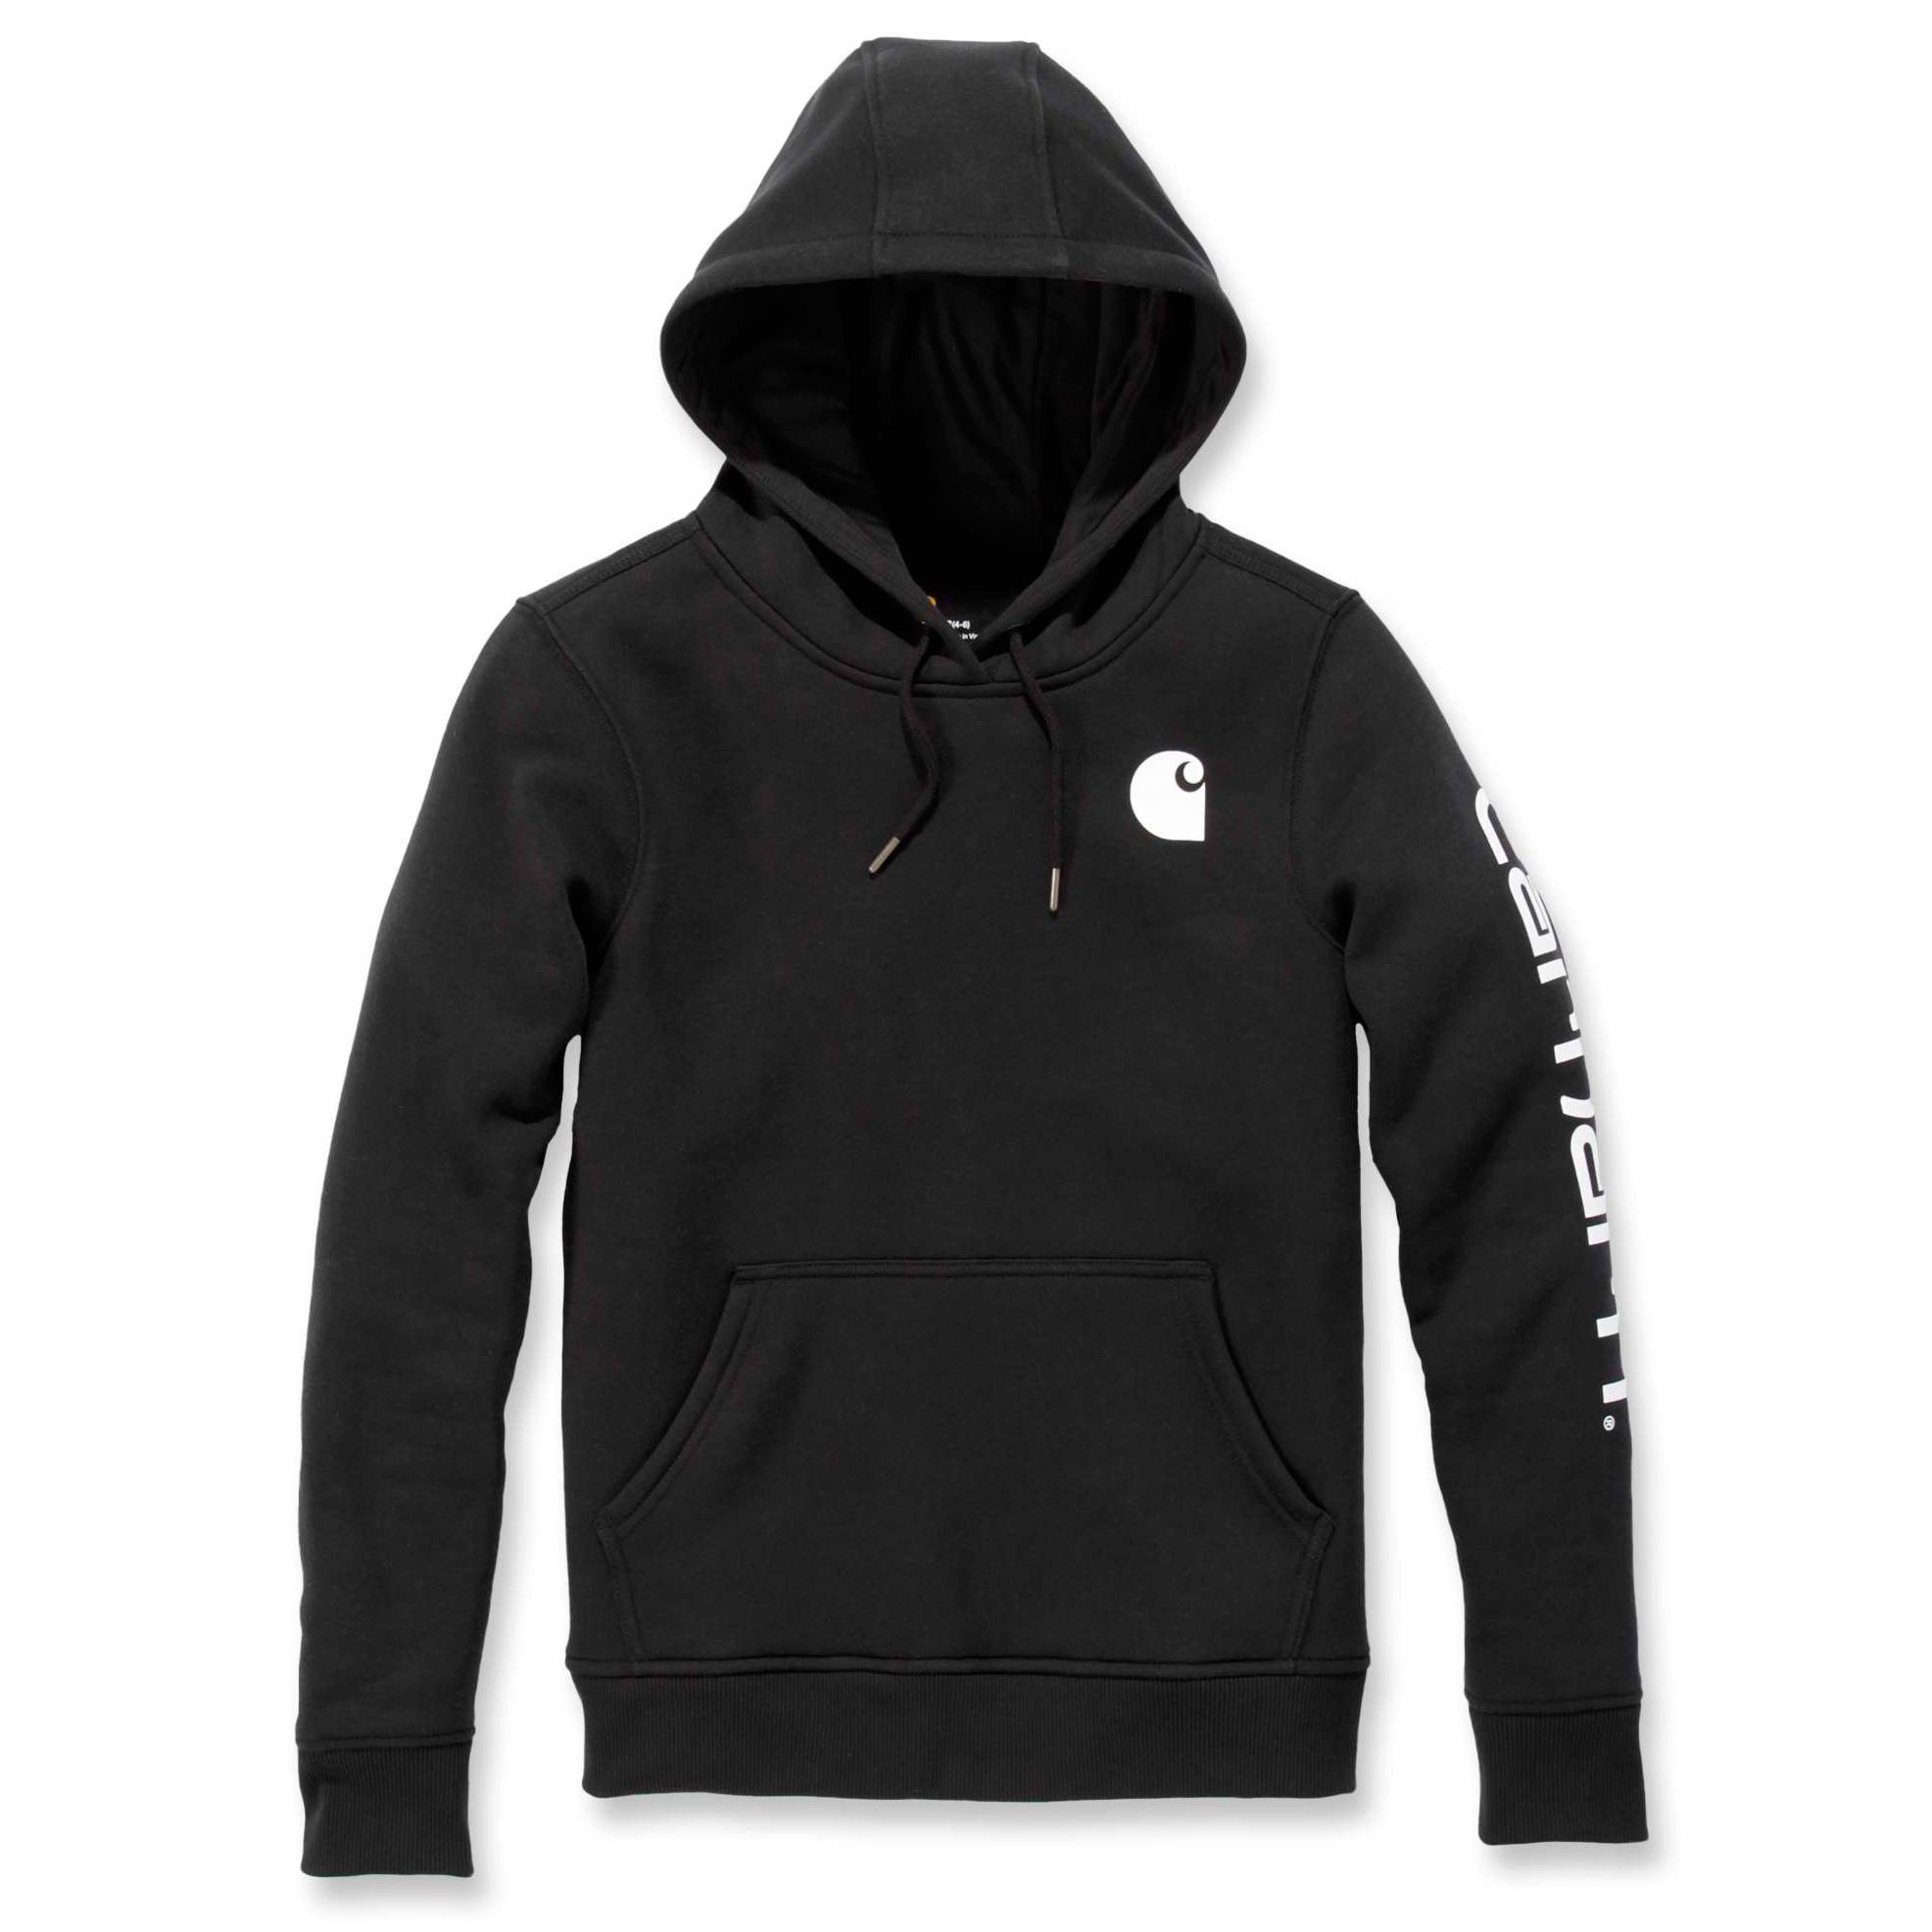 Худи женское Carhartt Clarksburg Pullover Sweatshirt - 102791 (Black, XS)